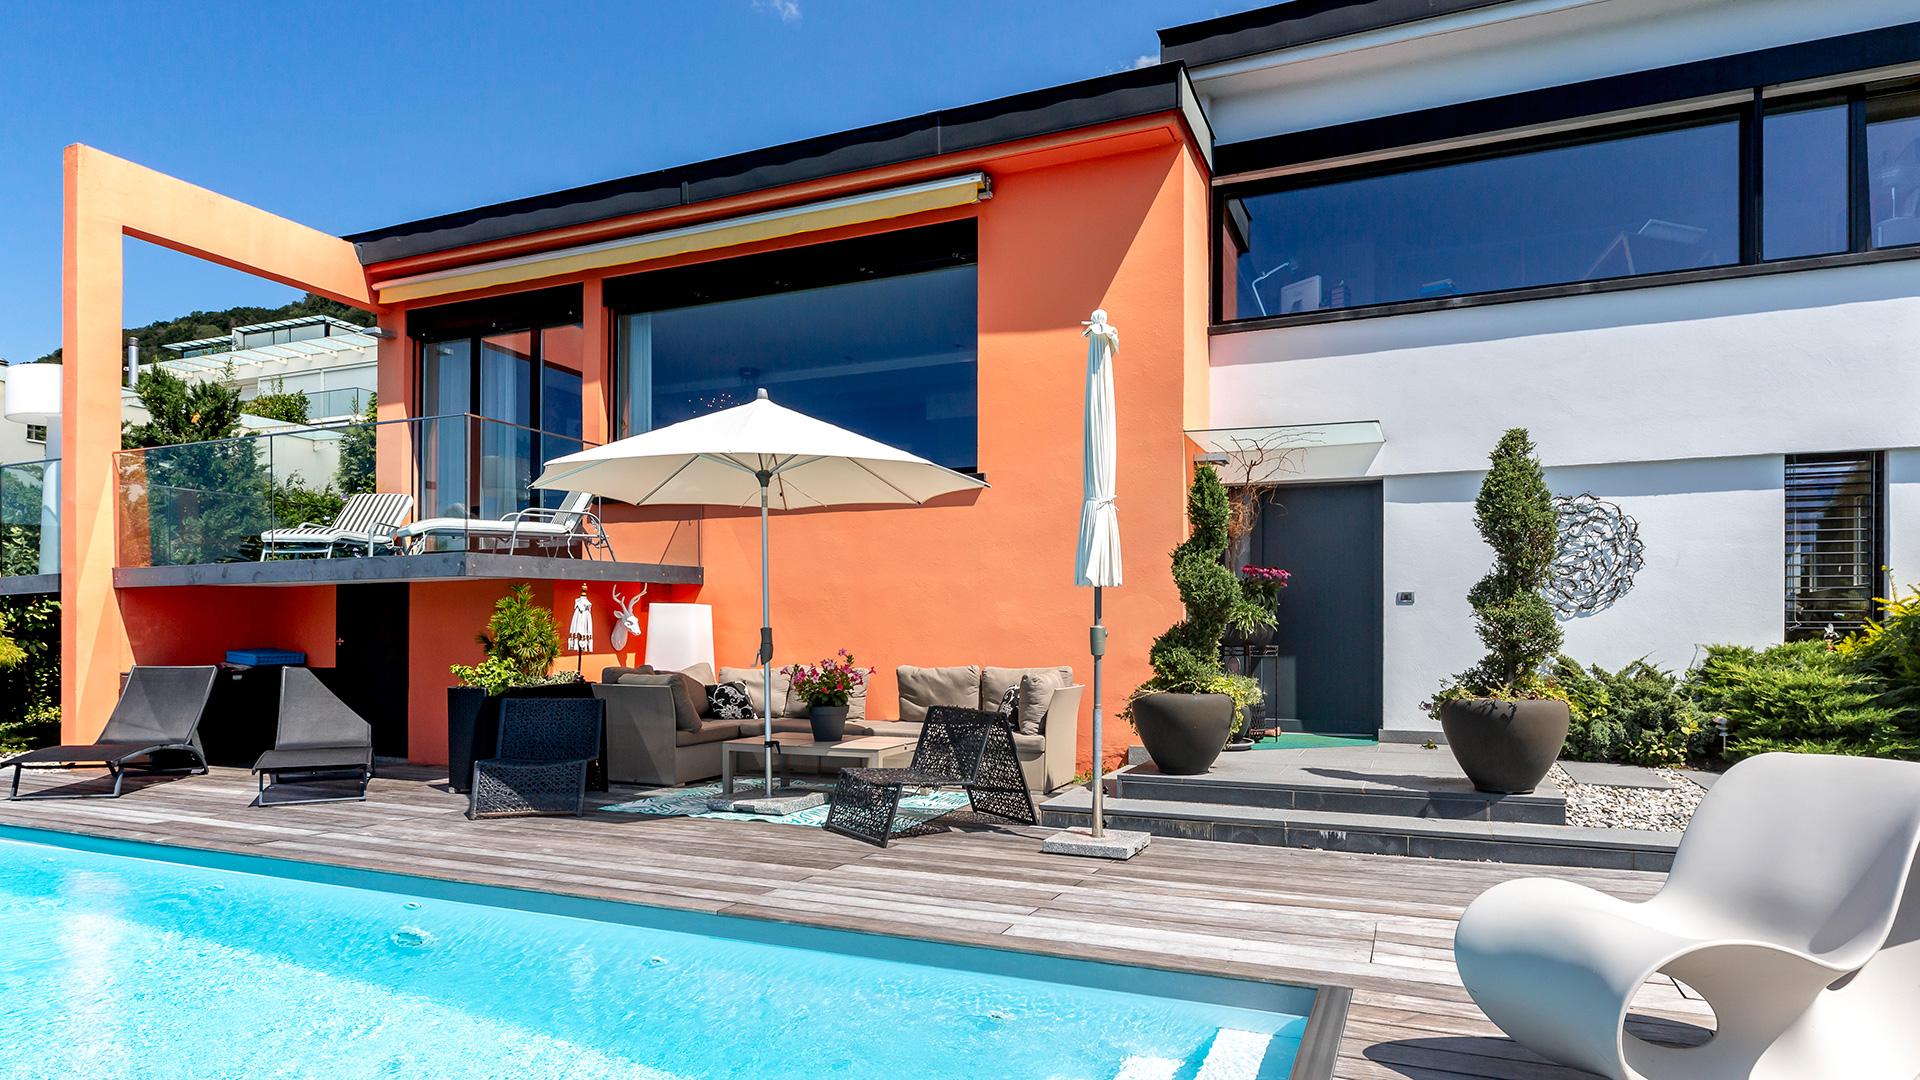 Villa Rodioz Chalet, Switzerland